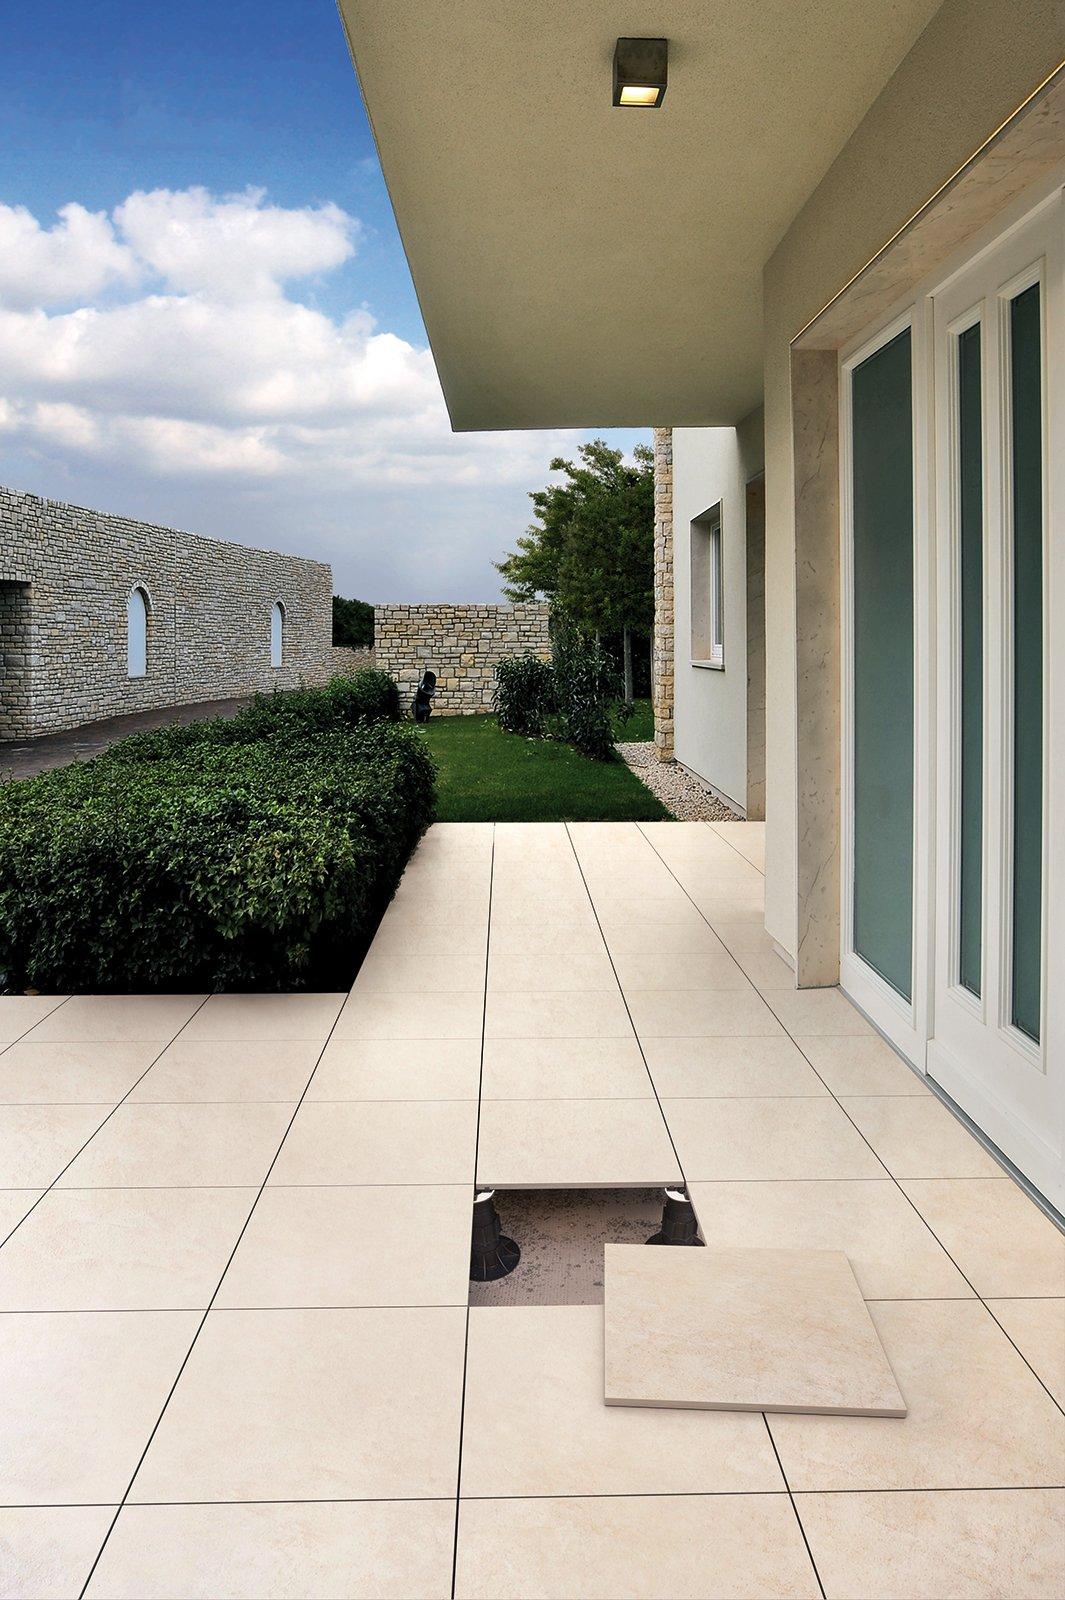 Pavimenti sopraelevati anche per le abitazioni tanti i vantaggi cose di casa - Crepe nelle piastrelle del pavimento ...